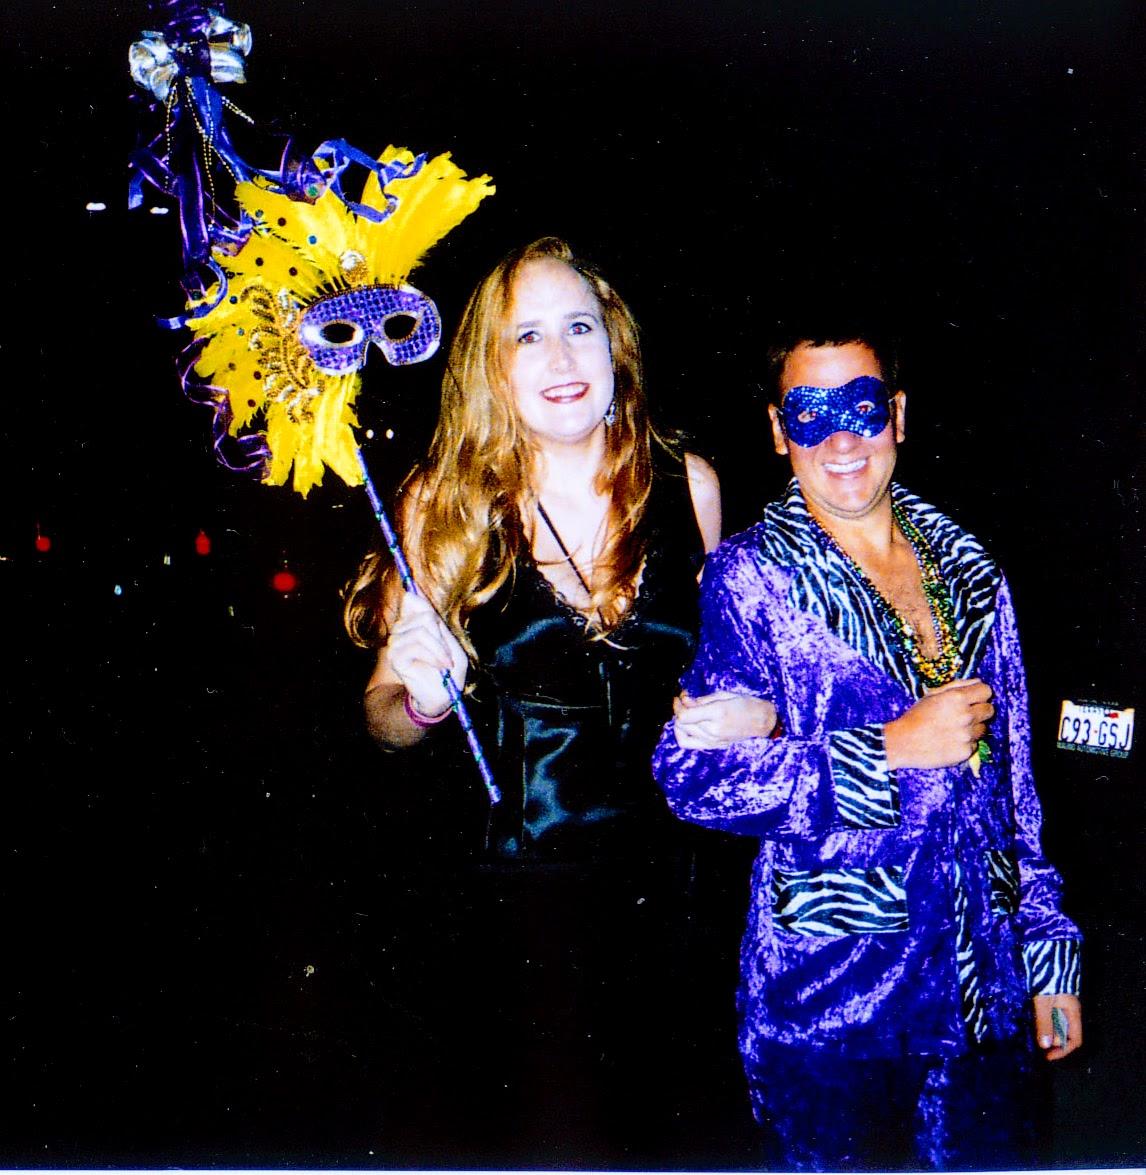 Carnaval Brasilerio 2005